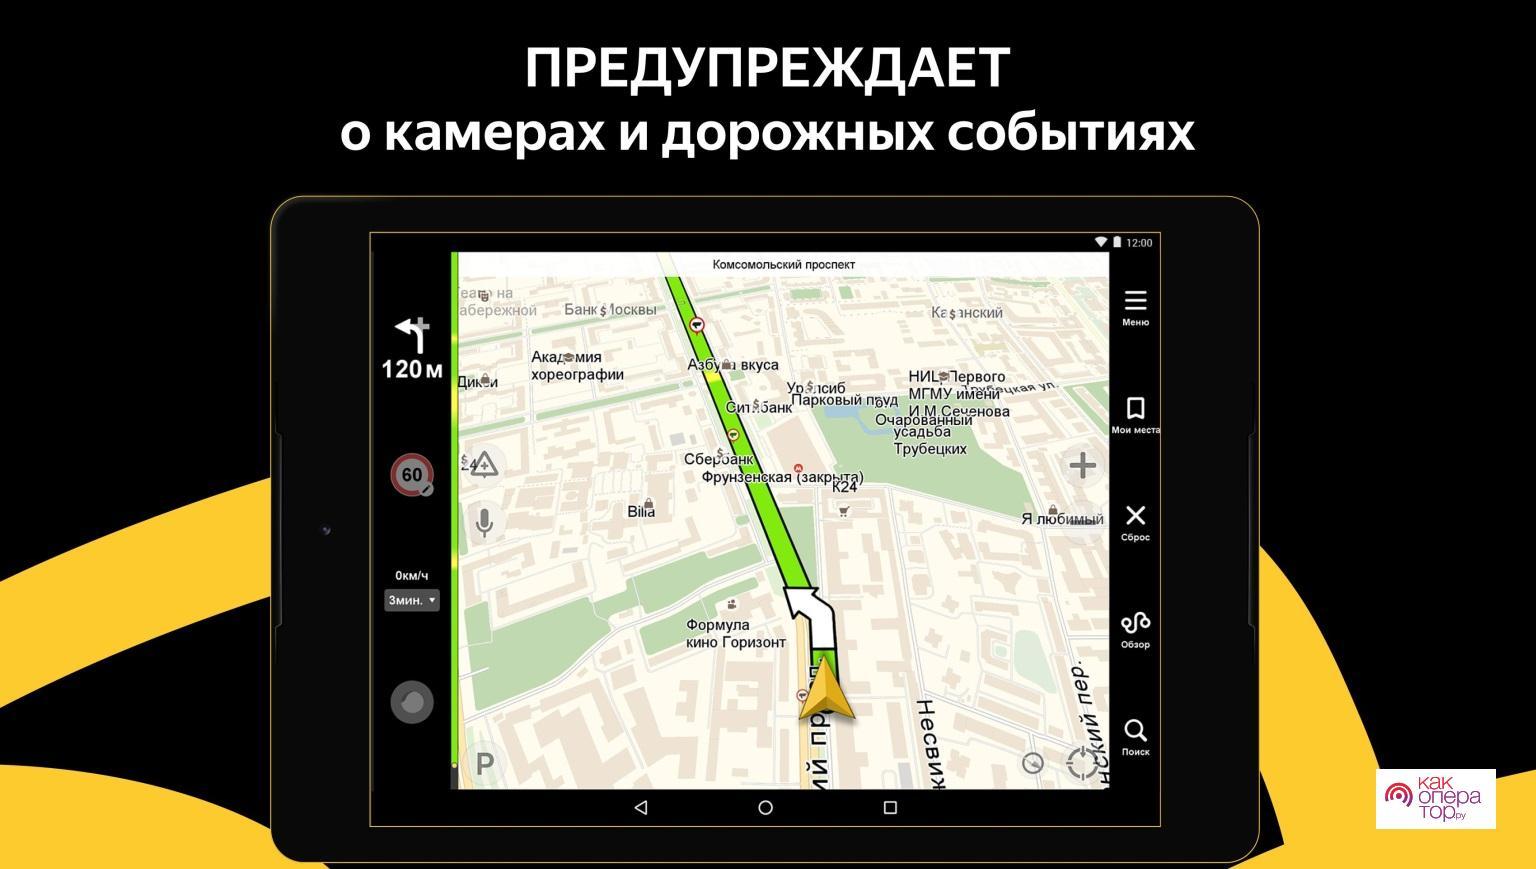 C:\Users\Геральд из Ривии\Desktop\screen-10.jpg